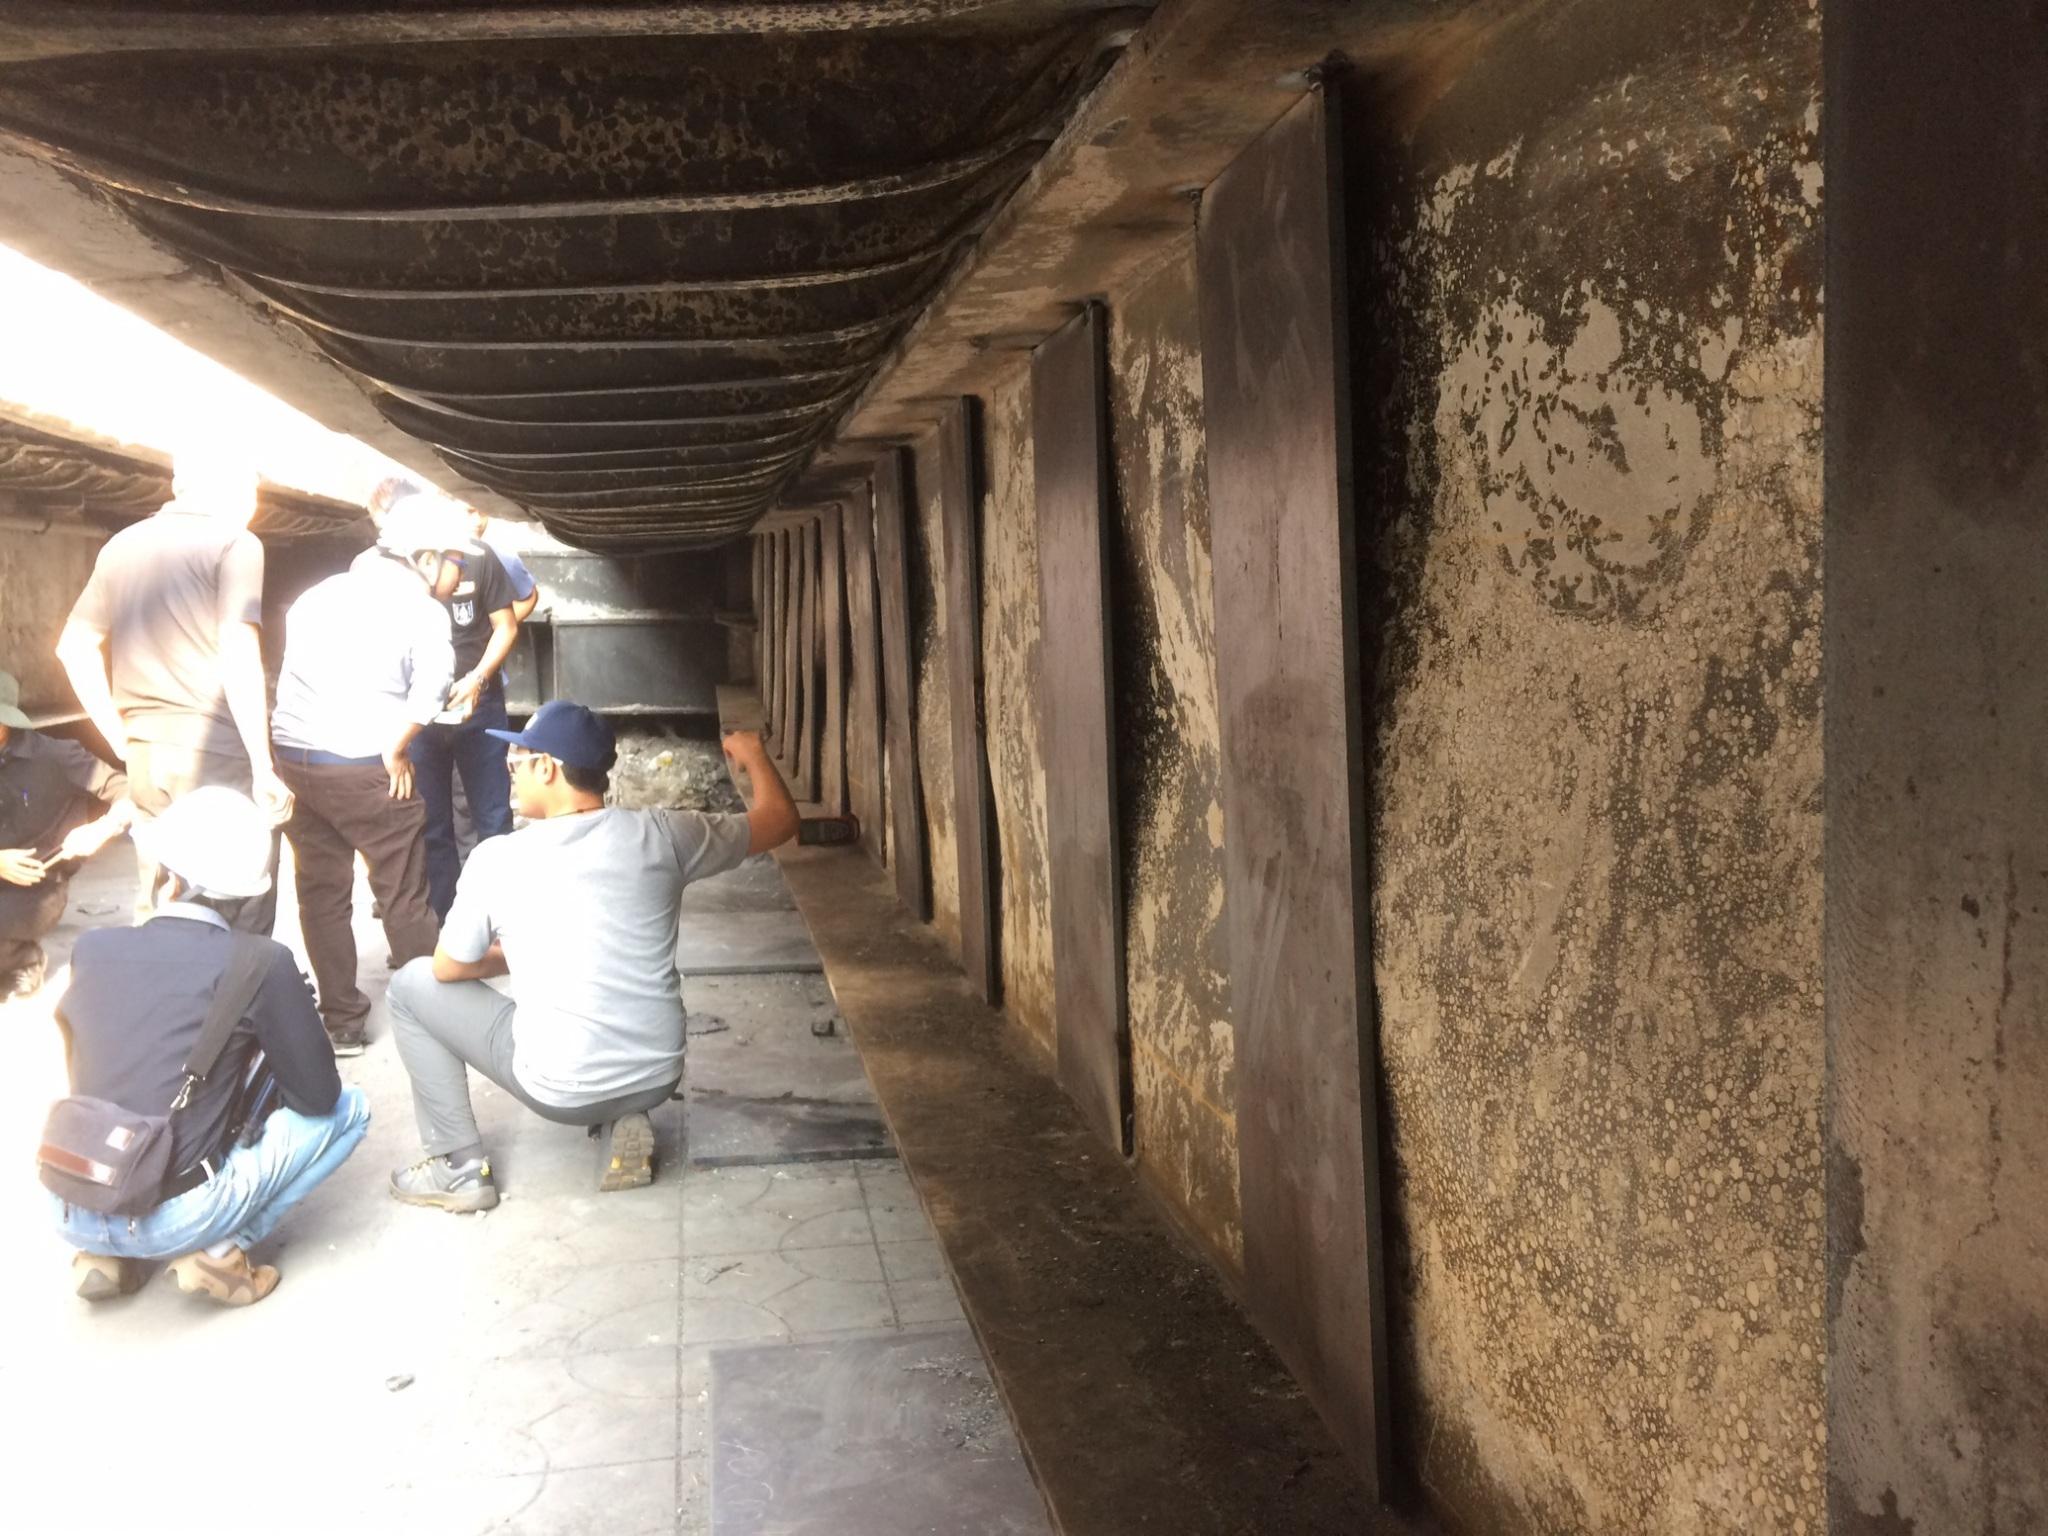 วิศวกรรมสถานแห่งประเทศไทย ในพระบรมราชูปถัมภ์ ลงพื้นที่ตรวจสอบเหตุเพลิงไหม้สะพานไทย-เบลเยี่ยม